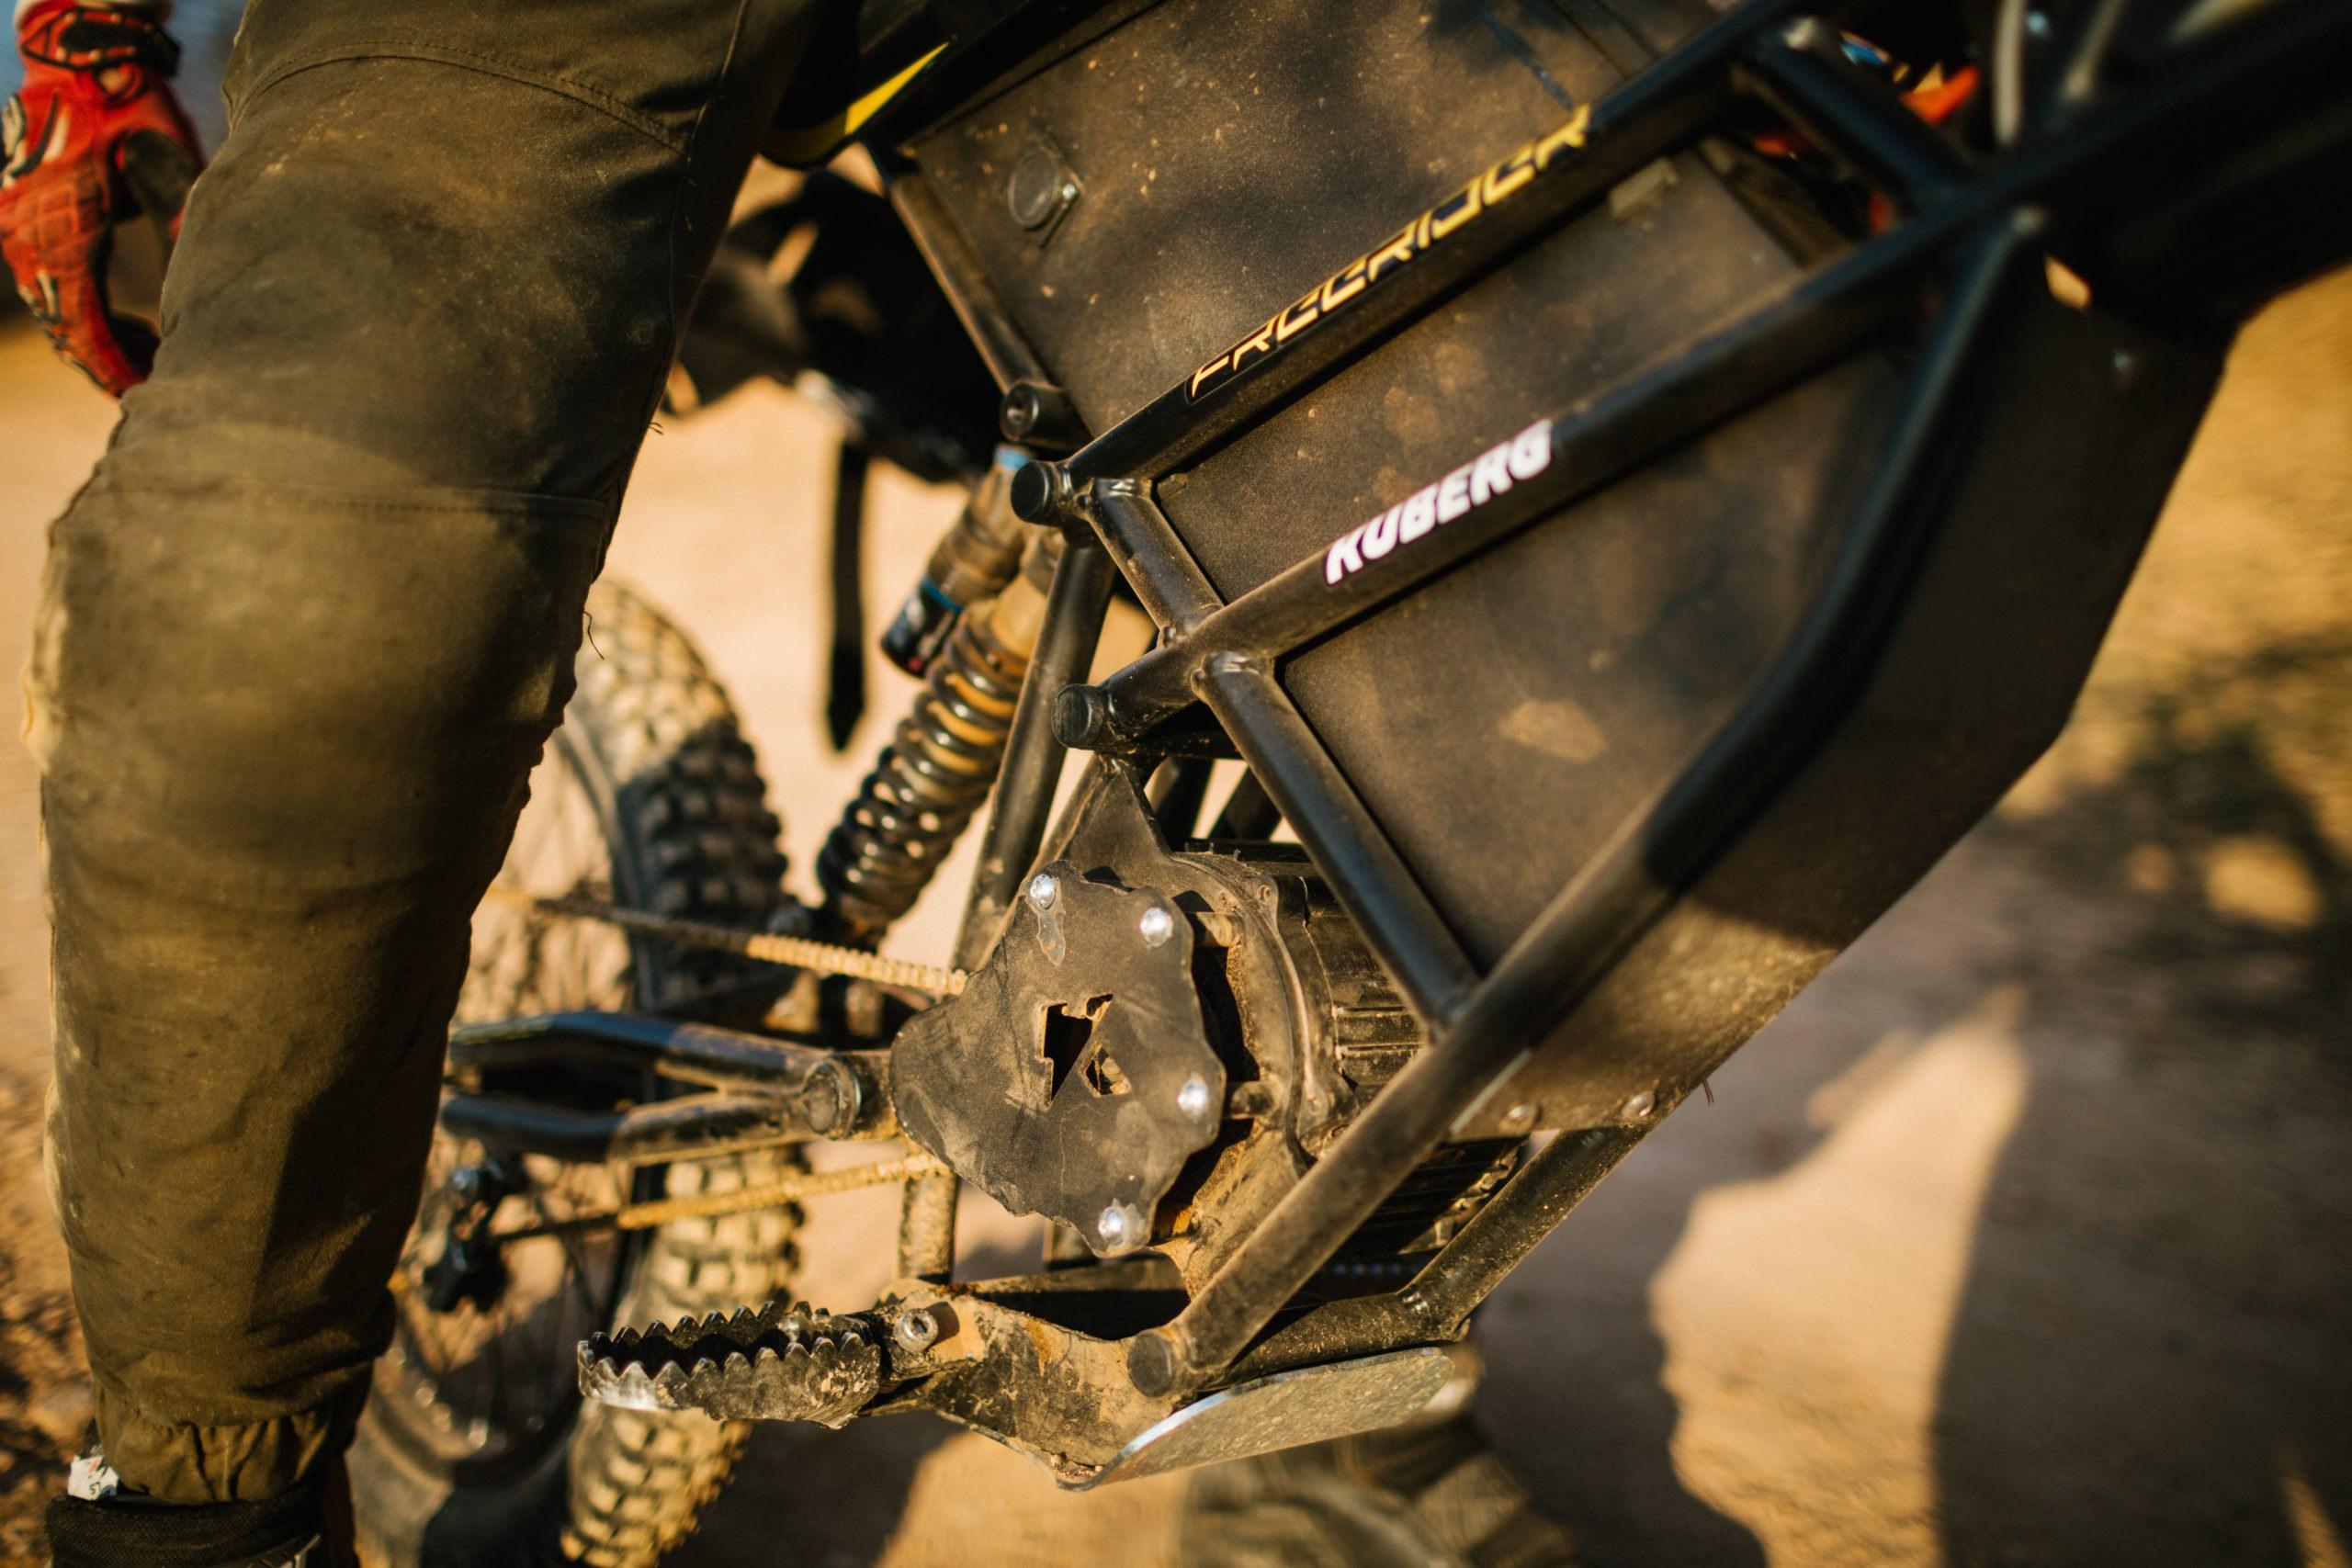 Die Batterie befindet sich unter dem Sitz und obwohl es keine handliche Waage gab, schätzen wir, dass sie ungefähr 9 kg wiegt. Direkt davor im Rahmen befindet sich das Gehäuse für die Motorsteuerung und darunter der Motor selbst.